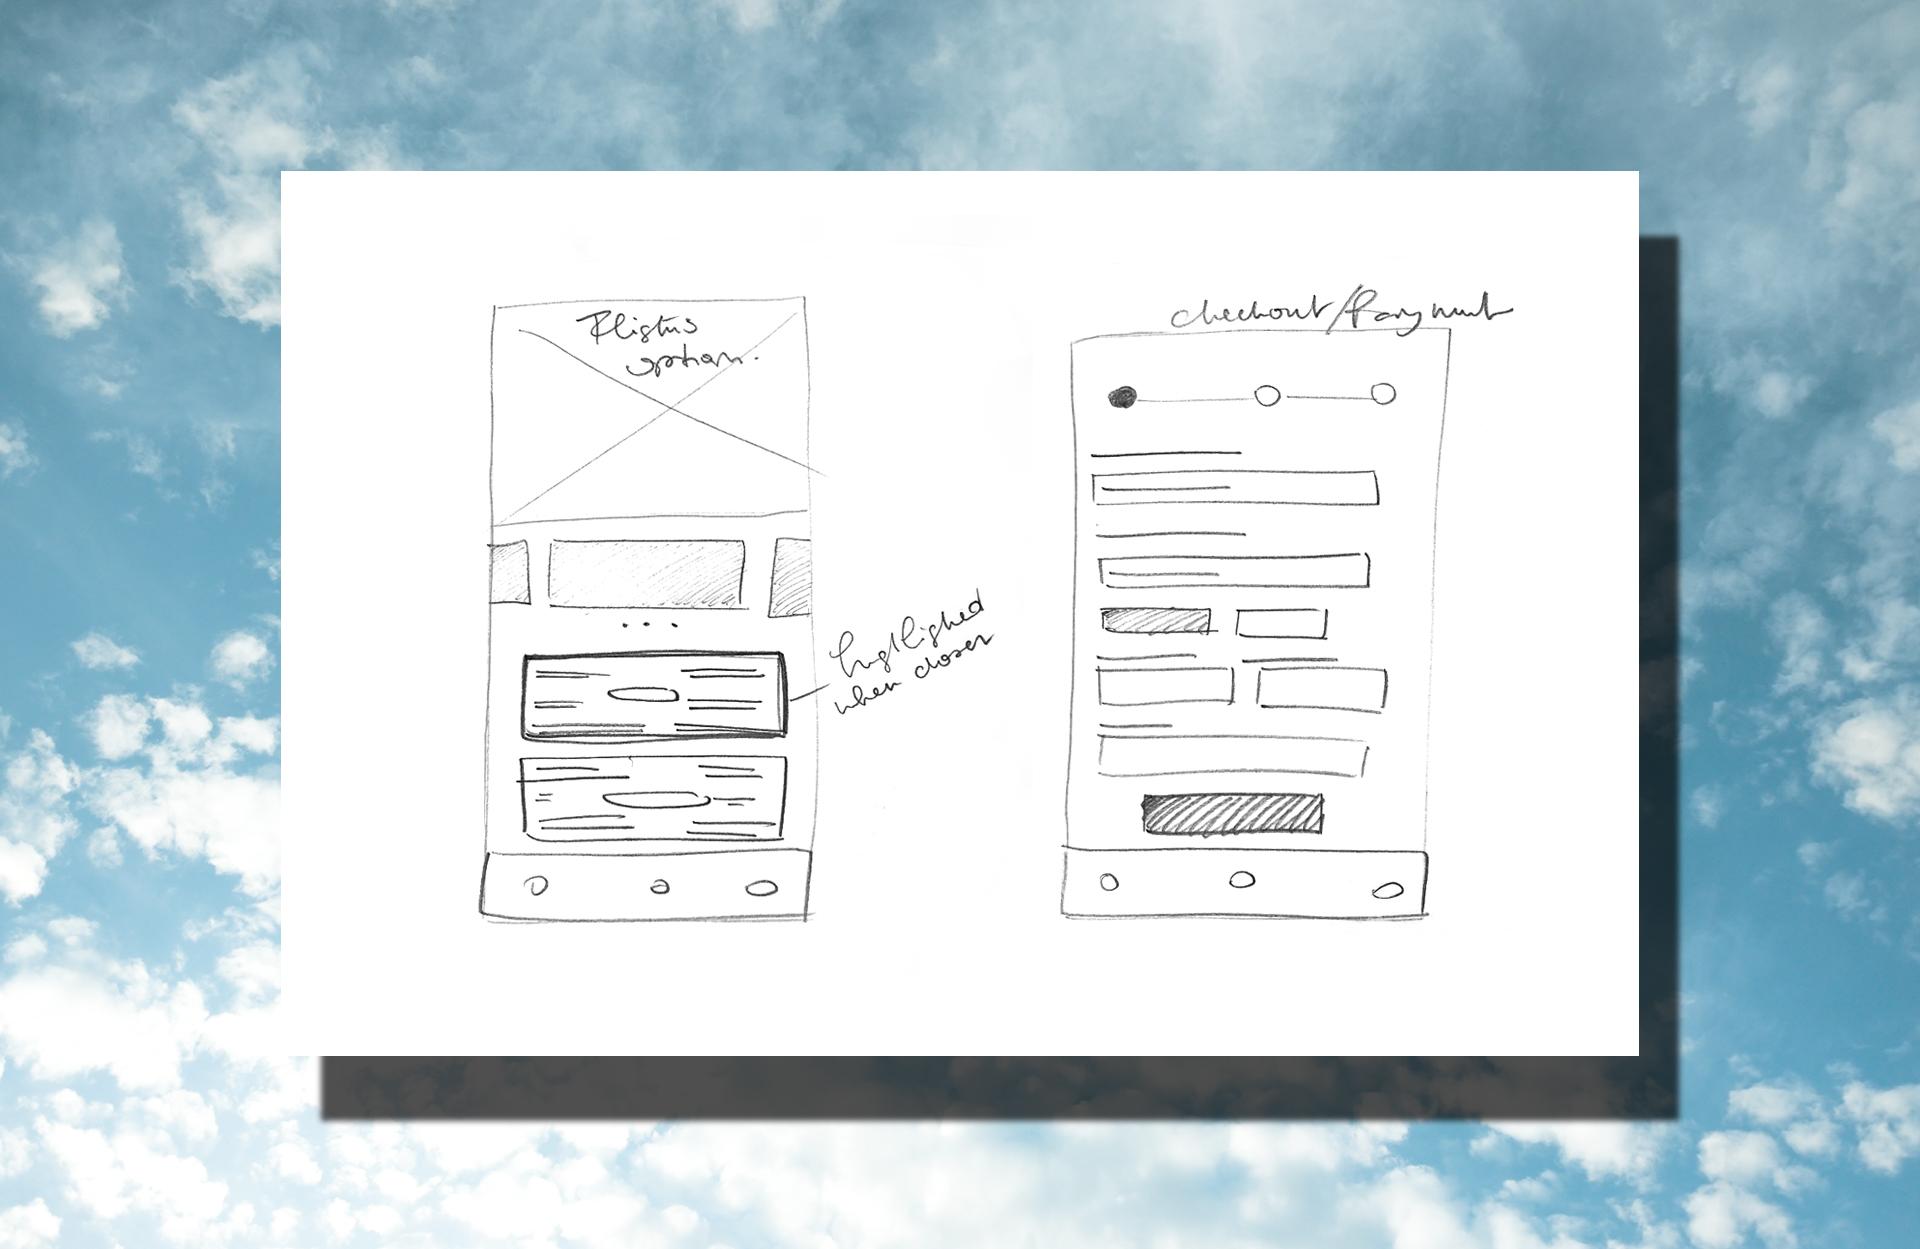 Navigation_sketches2Artboard-1